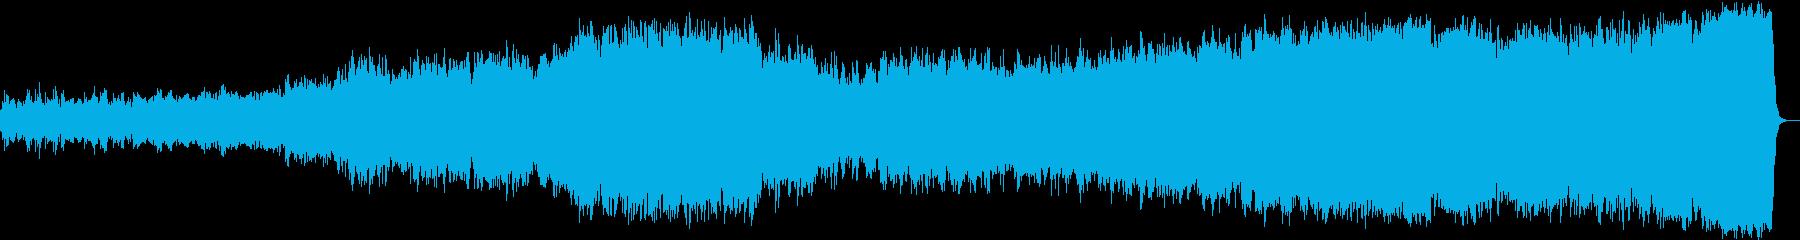 ヨハン・パッヘルベルのカノンの再生済みの波形